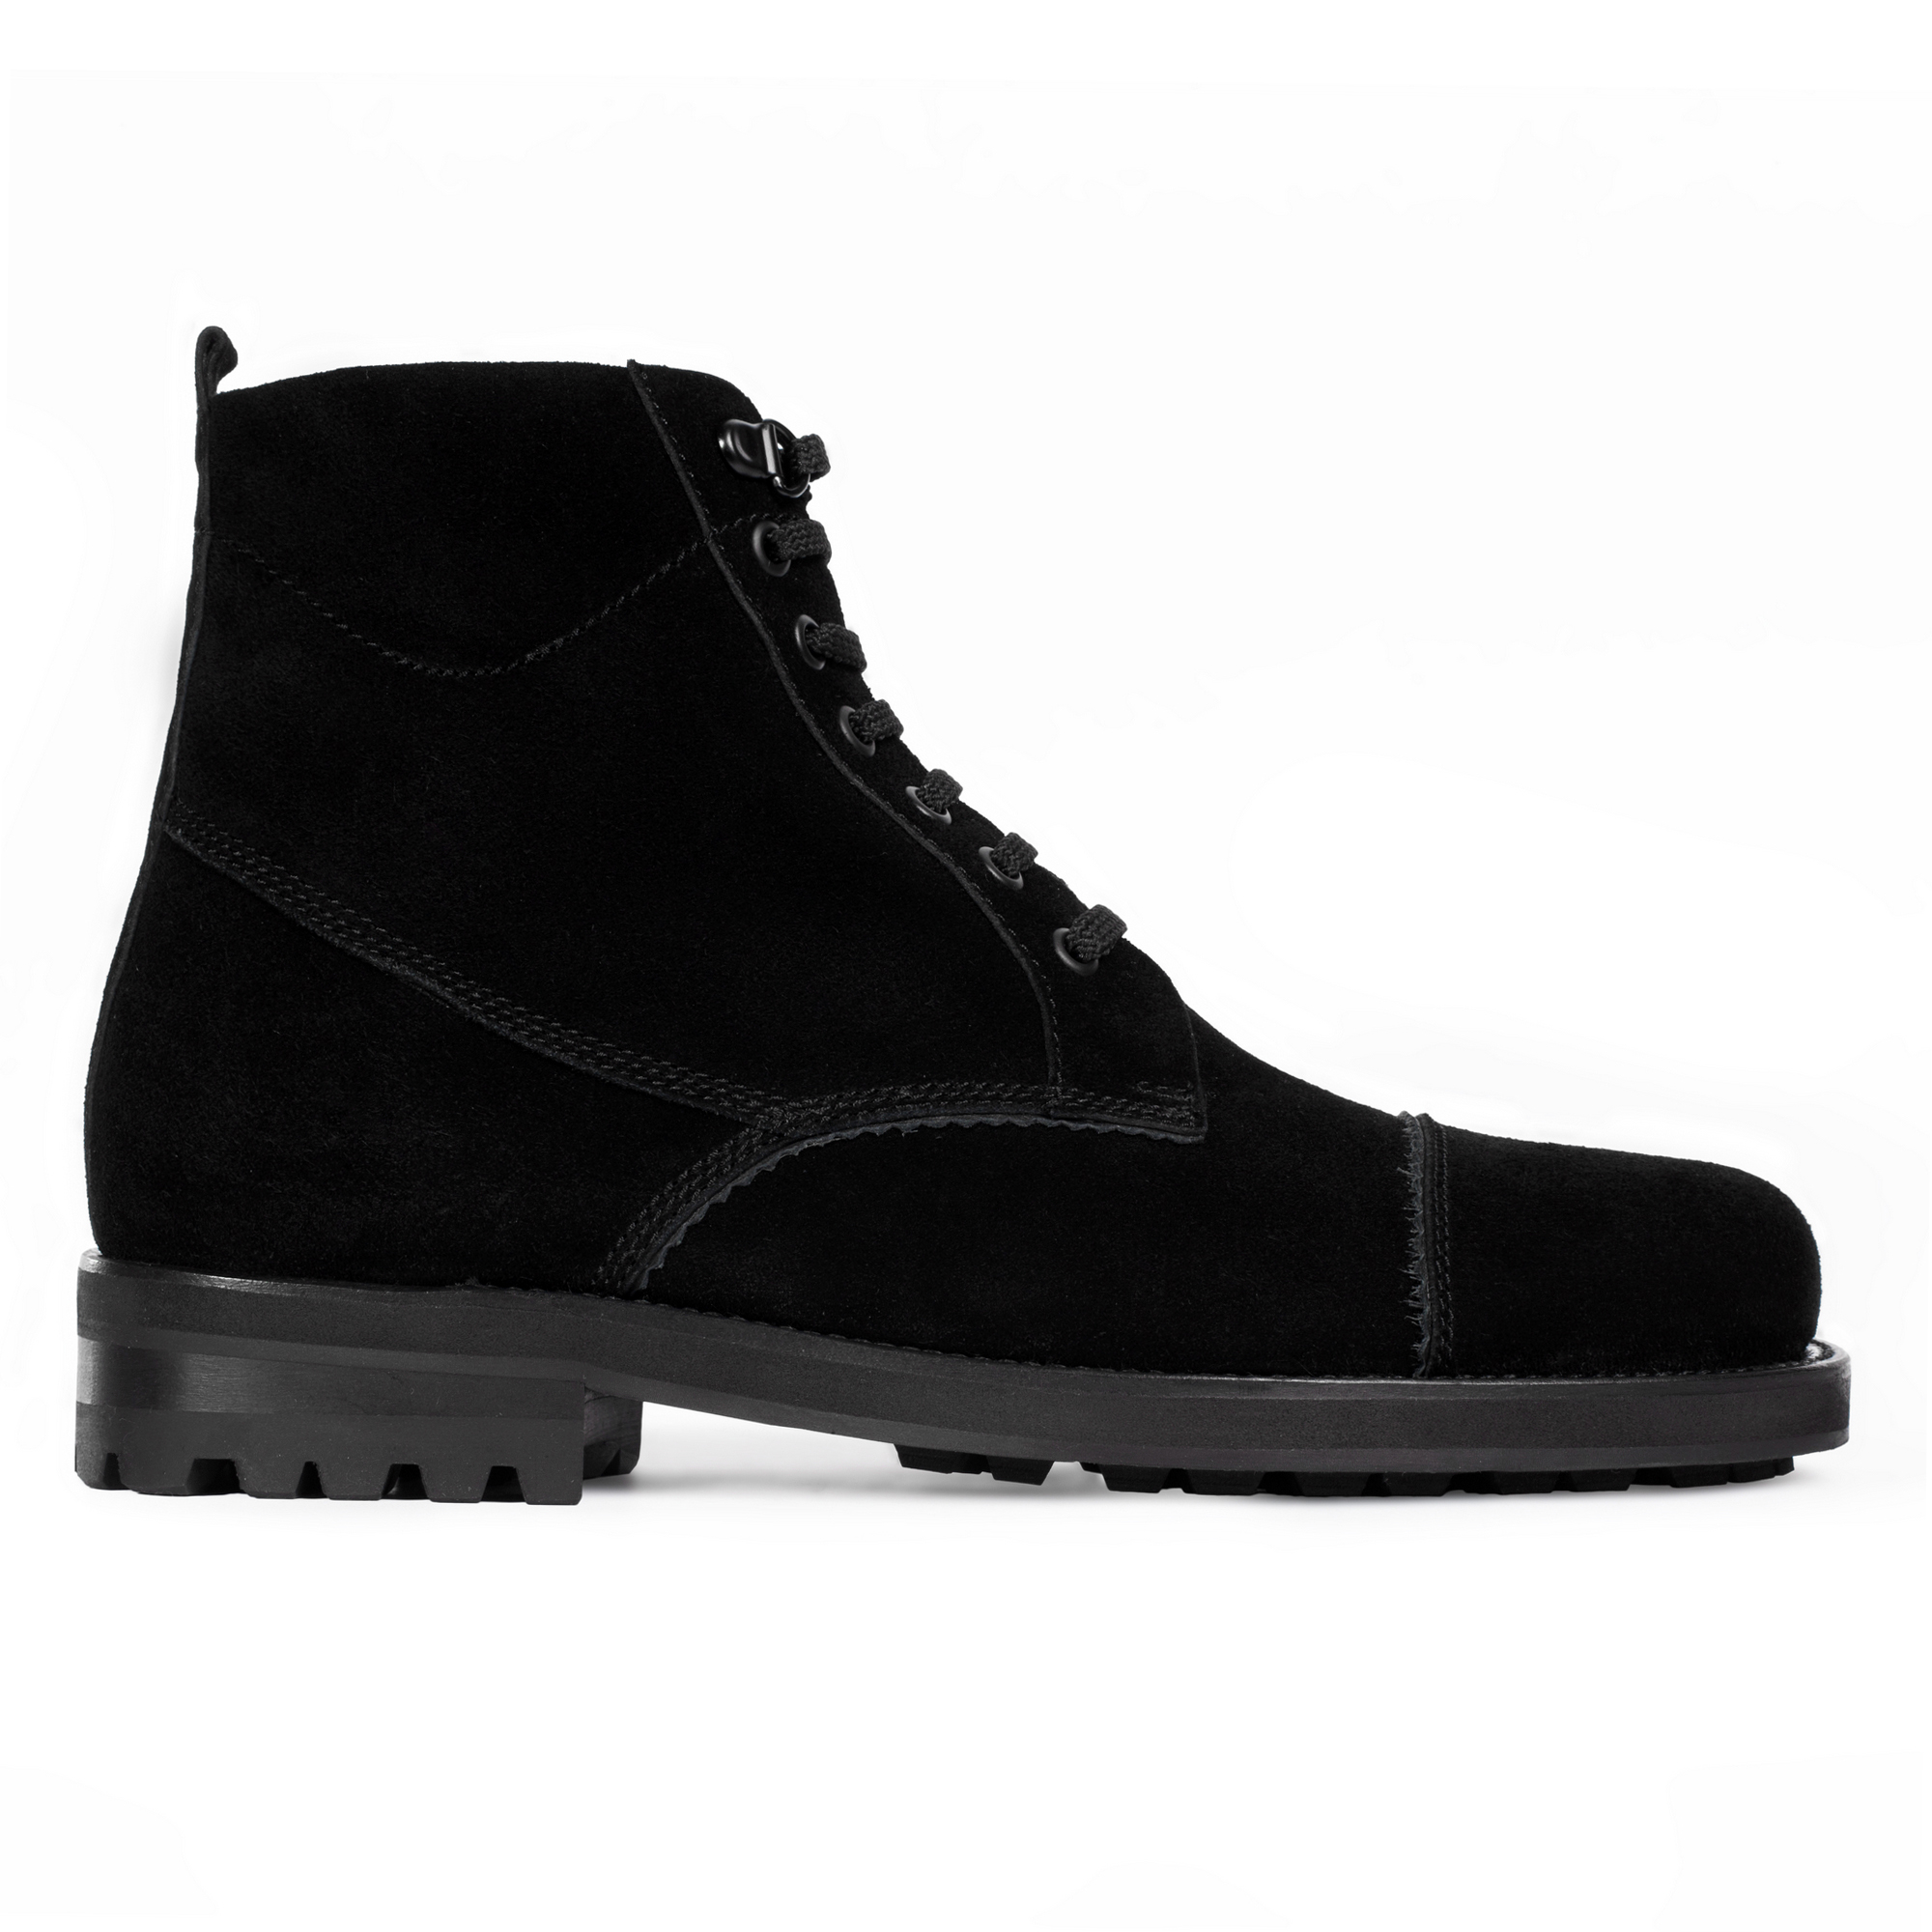 Высокие ботинки из замши черного цвета со шнуровкой на мехуБотинки мужские<br><br>Материал верха: Замша<br>Материал подкладки: Мех<br>Материал подошвы: Полиуретан<br>Цвет: Черный<br>Высота каблука: 2 см<br>Дизайн: Италия<br>Страна производства: Китай<br><br>Высота каблука: 2 см<br>Материал верха: Замша<br>Материал подкладки: Мех<br>Цвет: Черный<br>Пол: Мужской<br>Вес кг: 0.90000000<br>Размер: 44